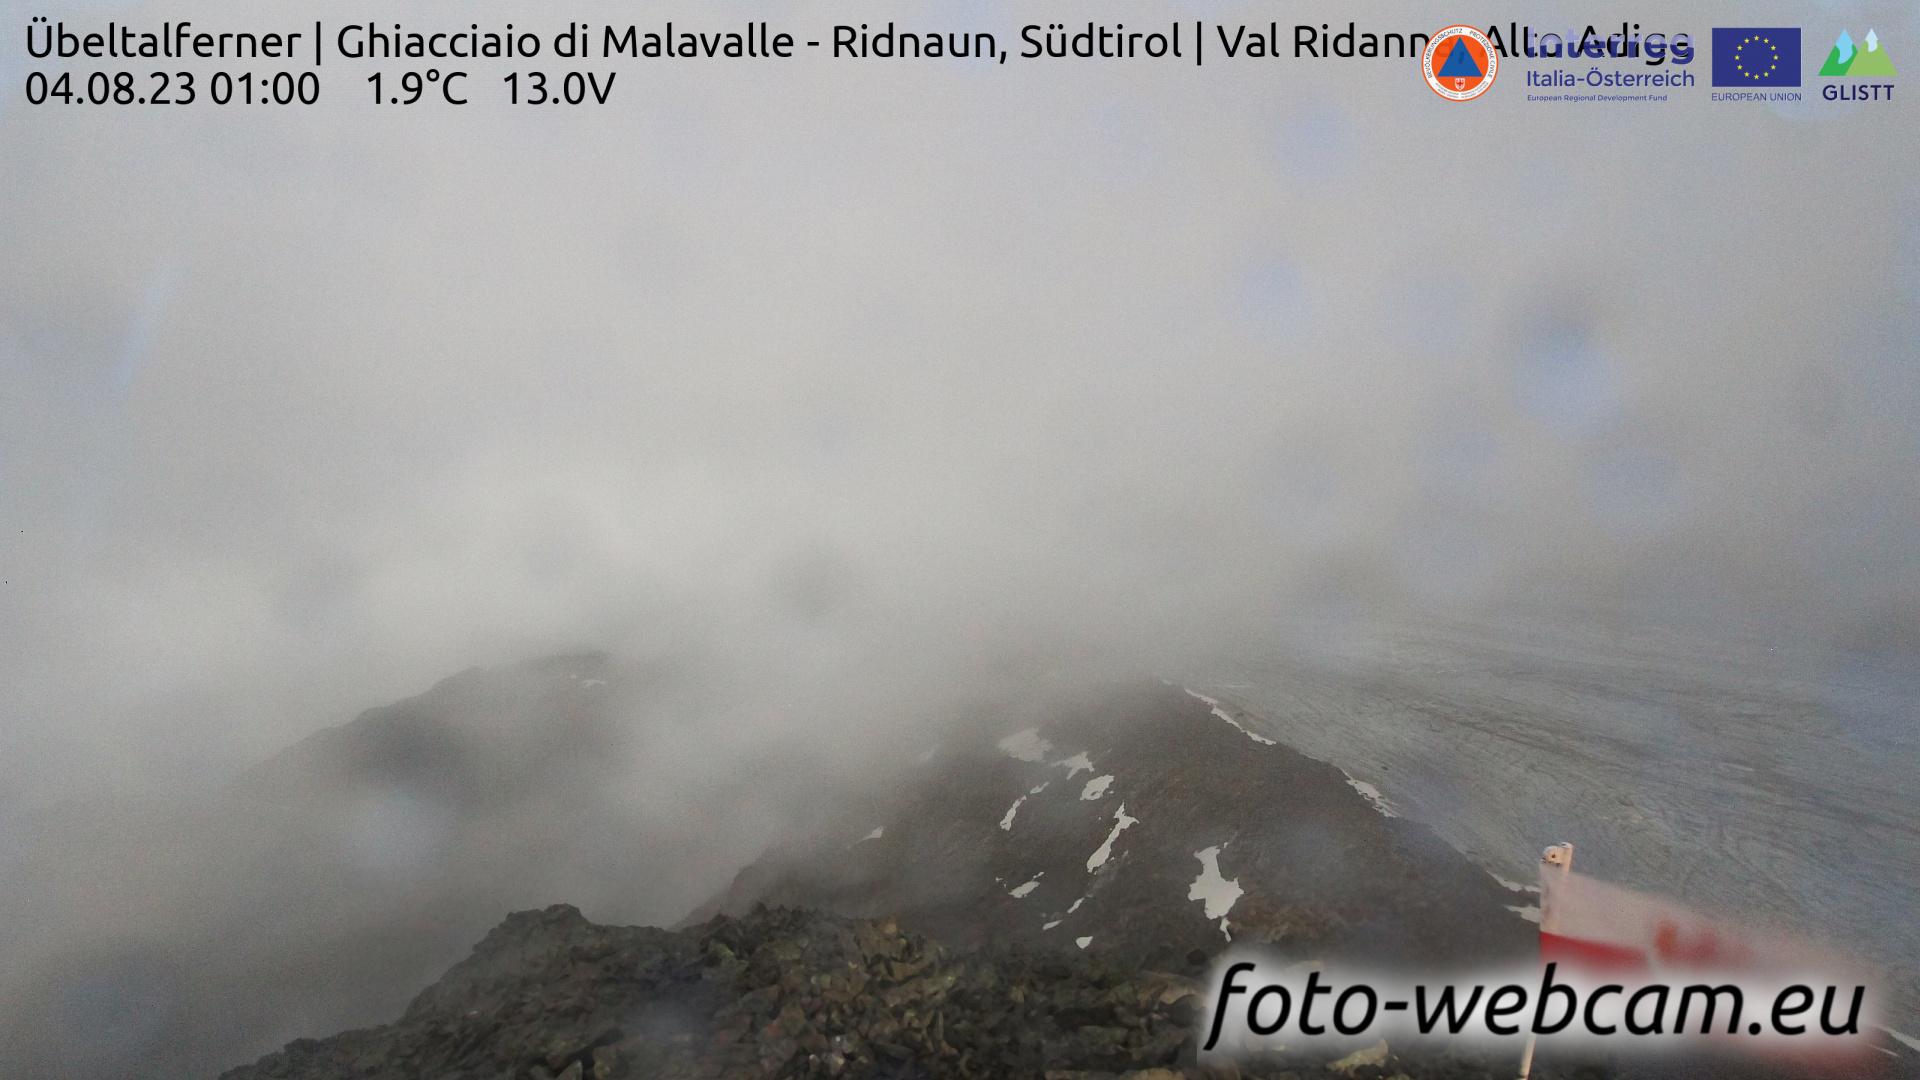 Val Ridanna Sab. 01:28